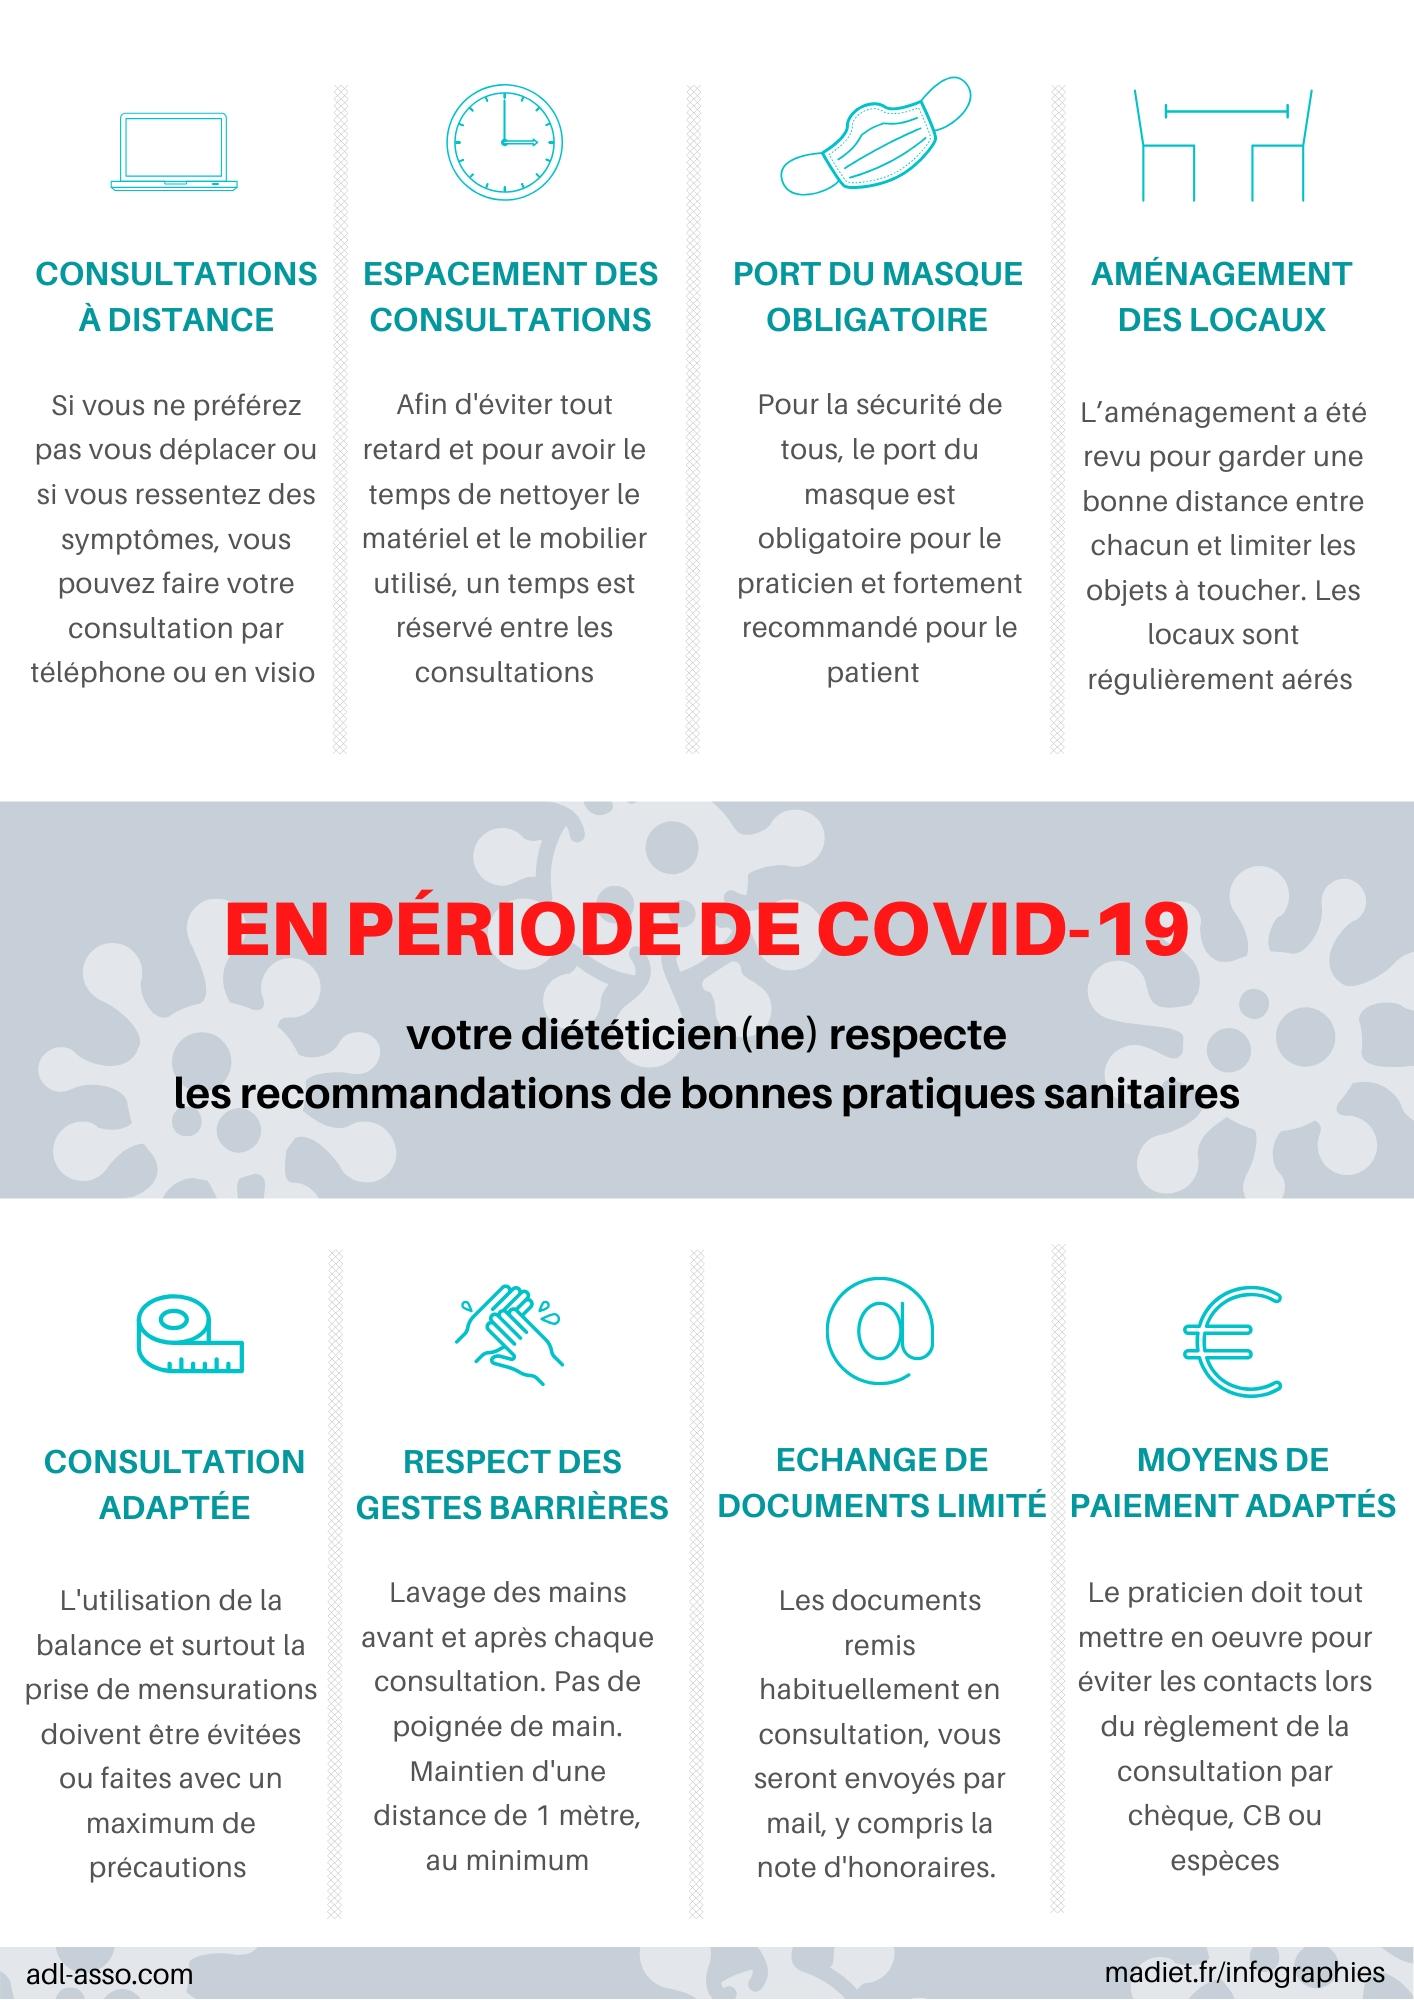 Affiches Covid-19 à destination des diététicien(ne)s